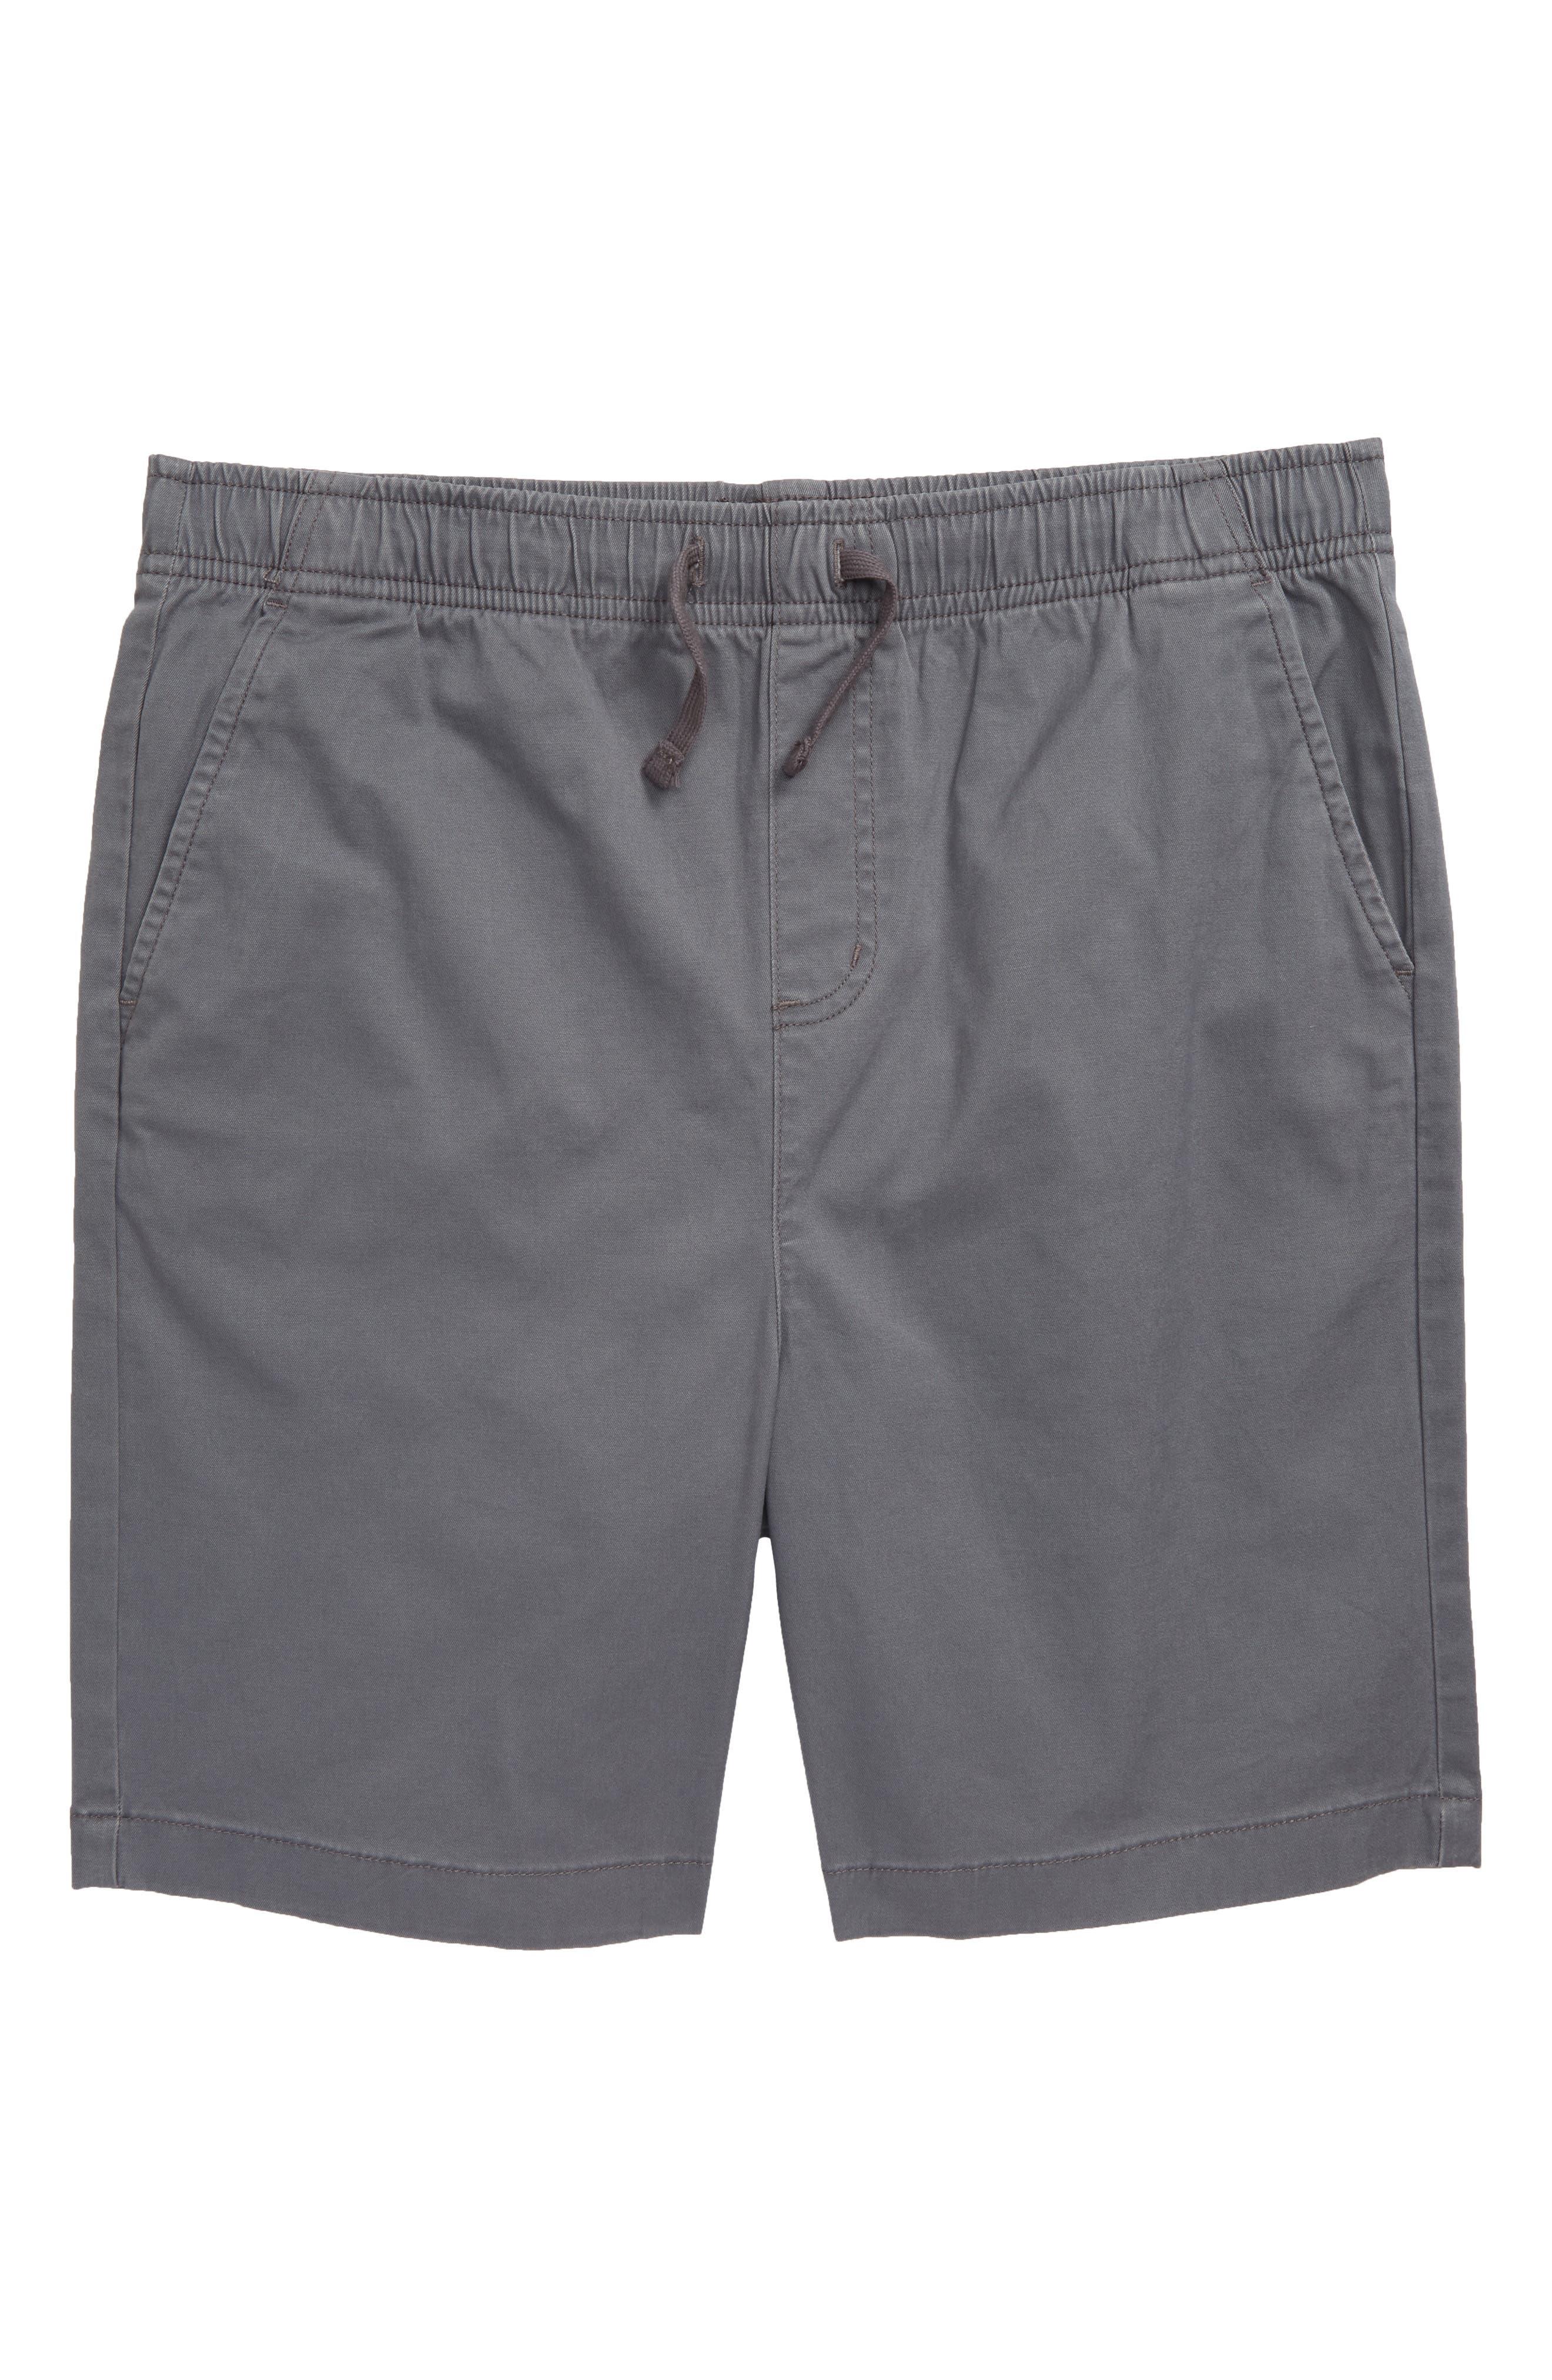 Toddler Boys Vineyard Vines Jetty Stretch Shorts Size 3T  Grey